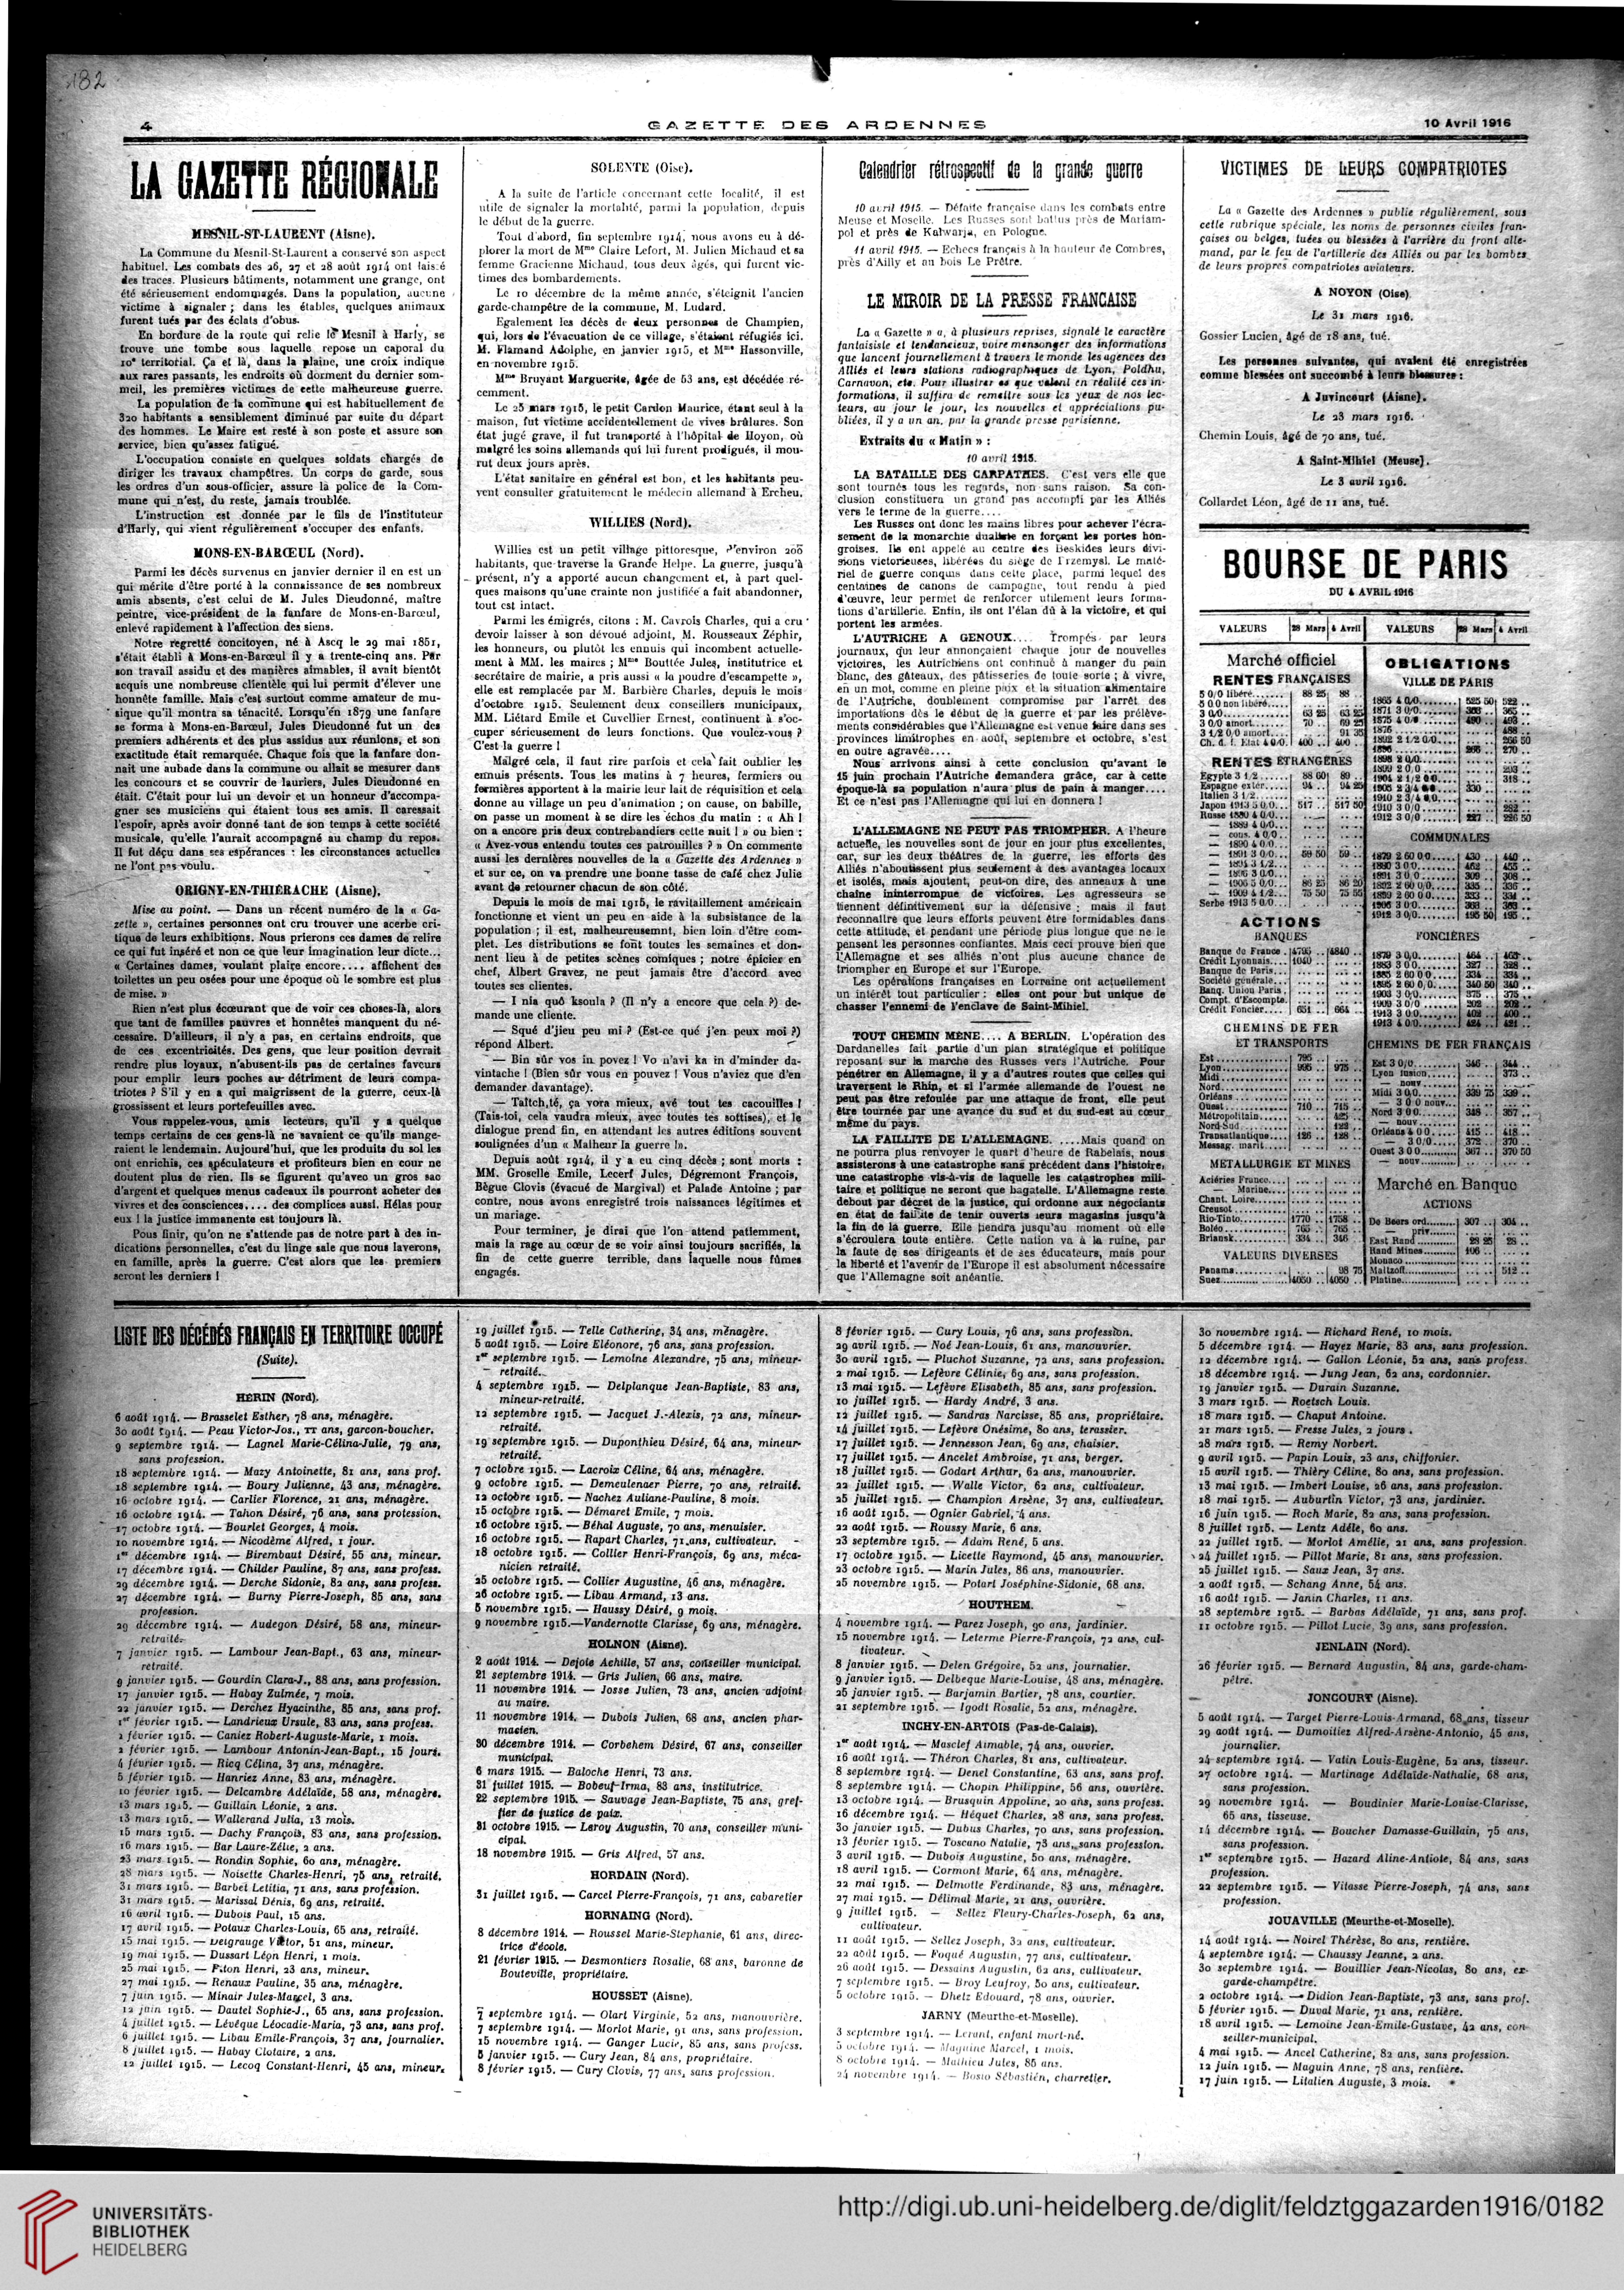 Gazette Des Ardennes Journal Des Pays Occupes Januar 1916